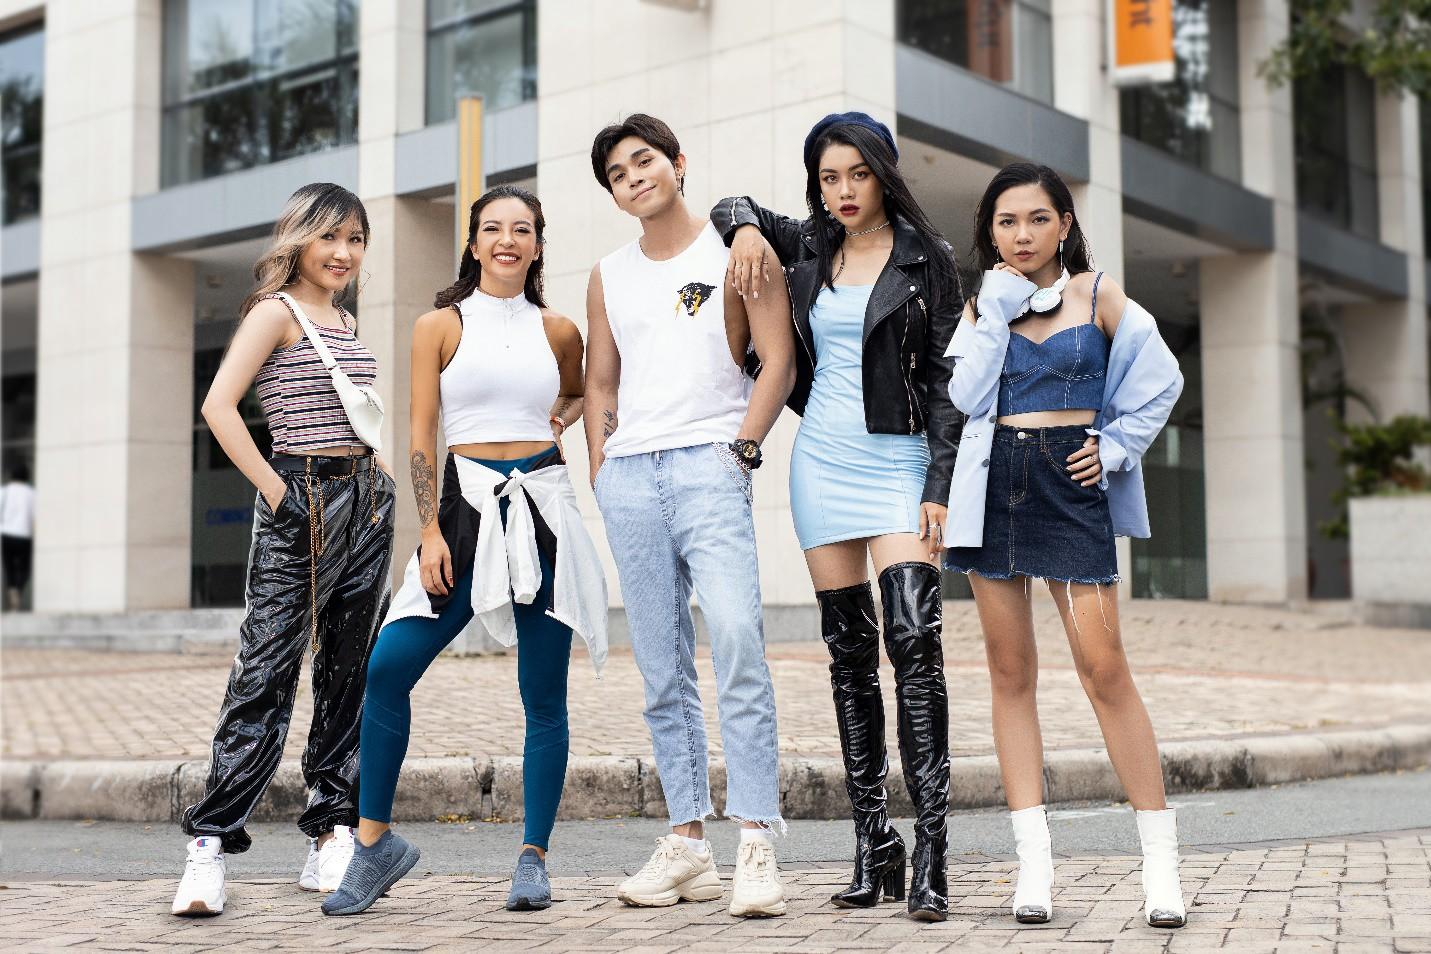 Đọ thần thái cool ngầu, Jun Phạm, Hana Giang Anh, Uyên Pu, Thảo Trang và Con Thỏ khiến fan thích thú trong video mới - Ảnh 1.